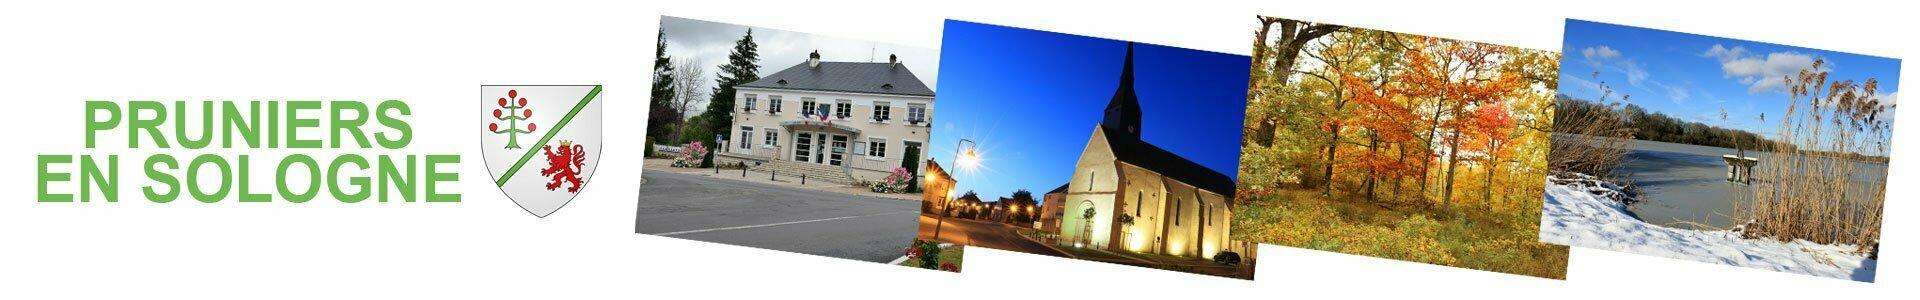 Panorama de la commune de Pruniers en Sologne